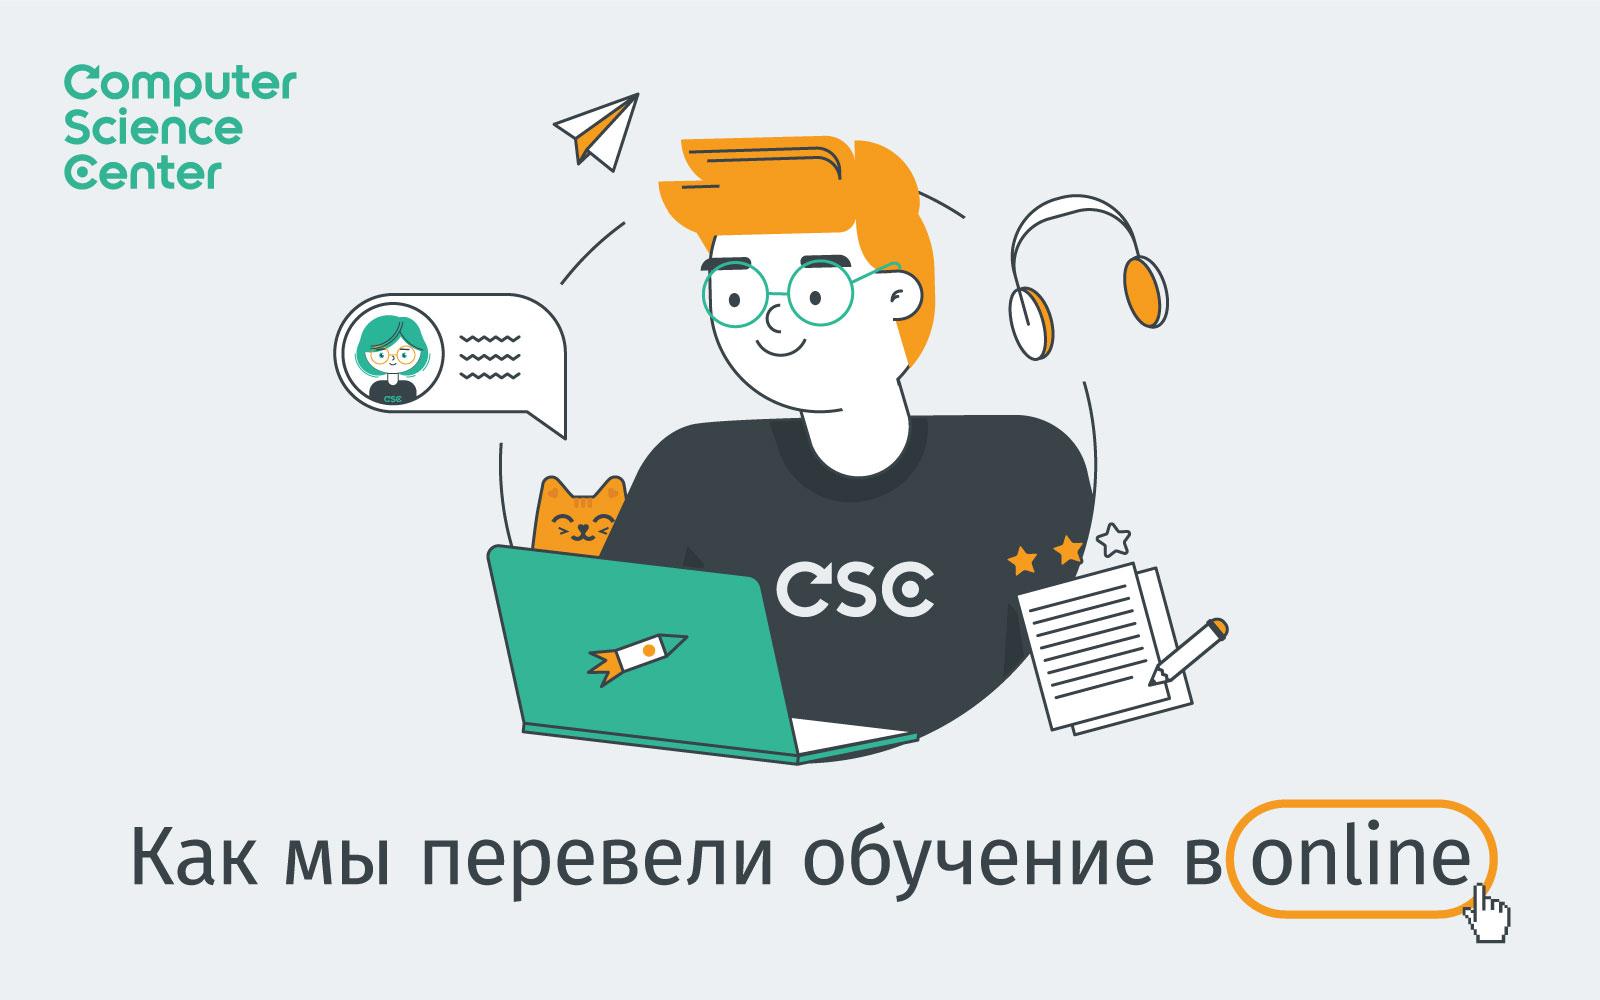 Как Computer Science Center перевёл обучение в онлайн - 1